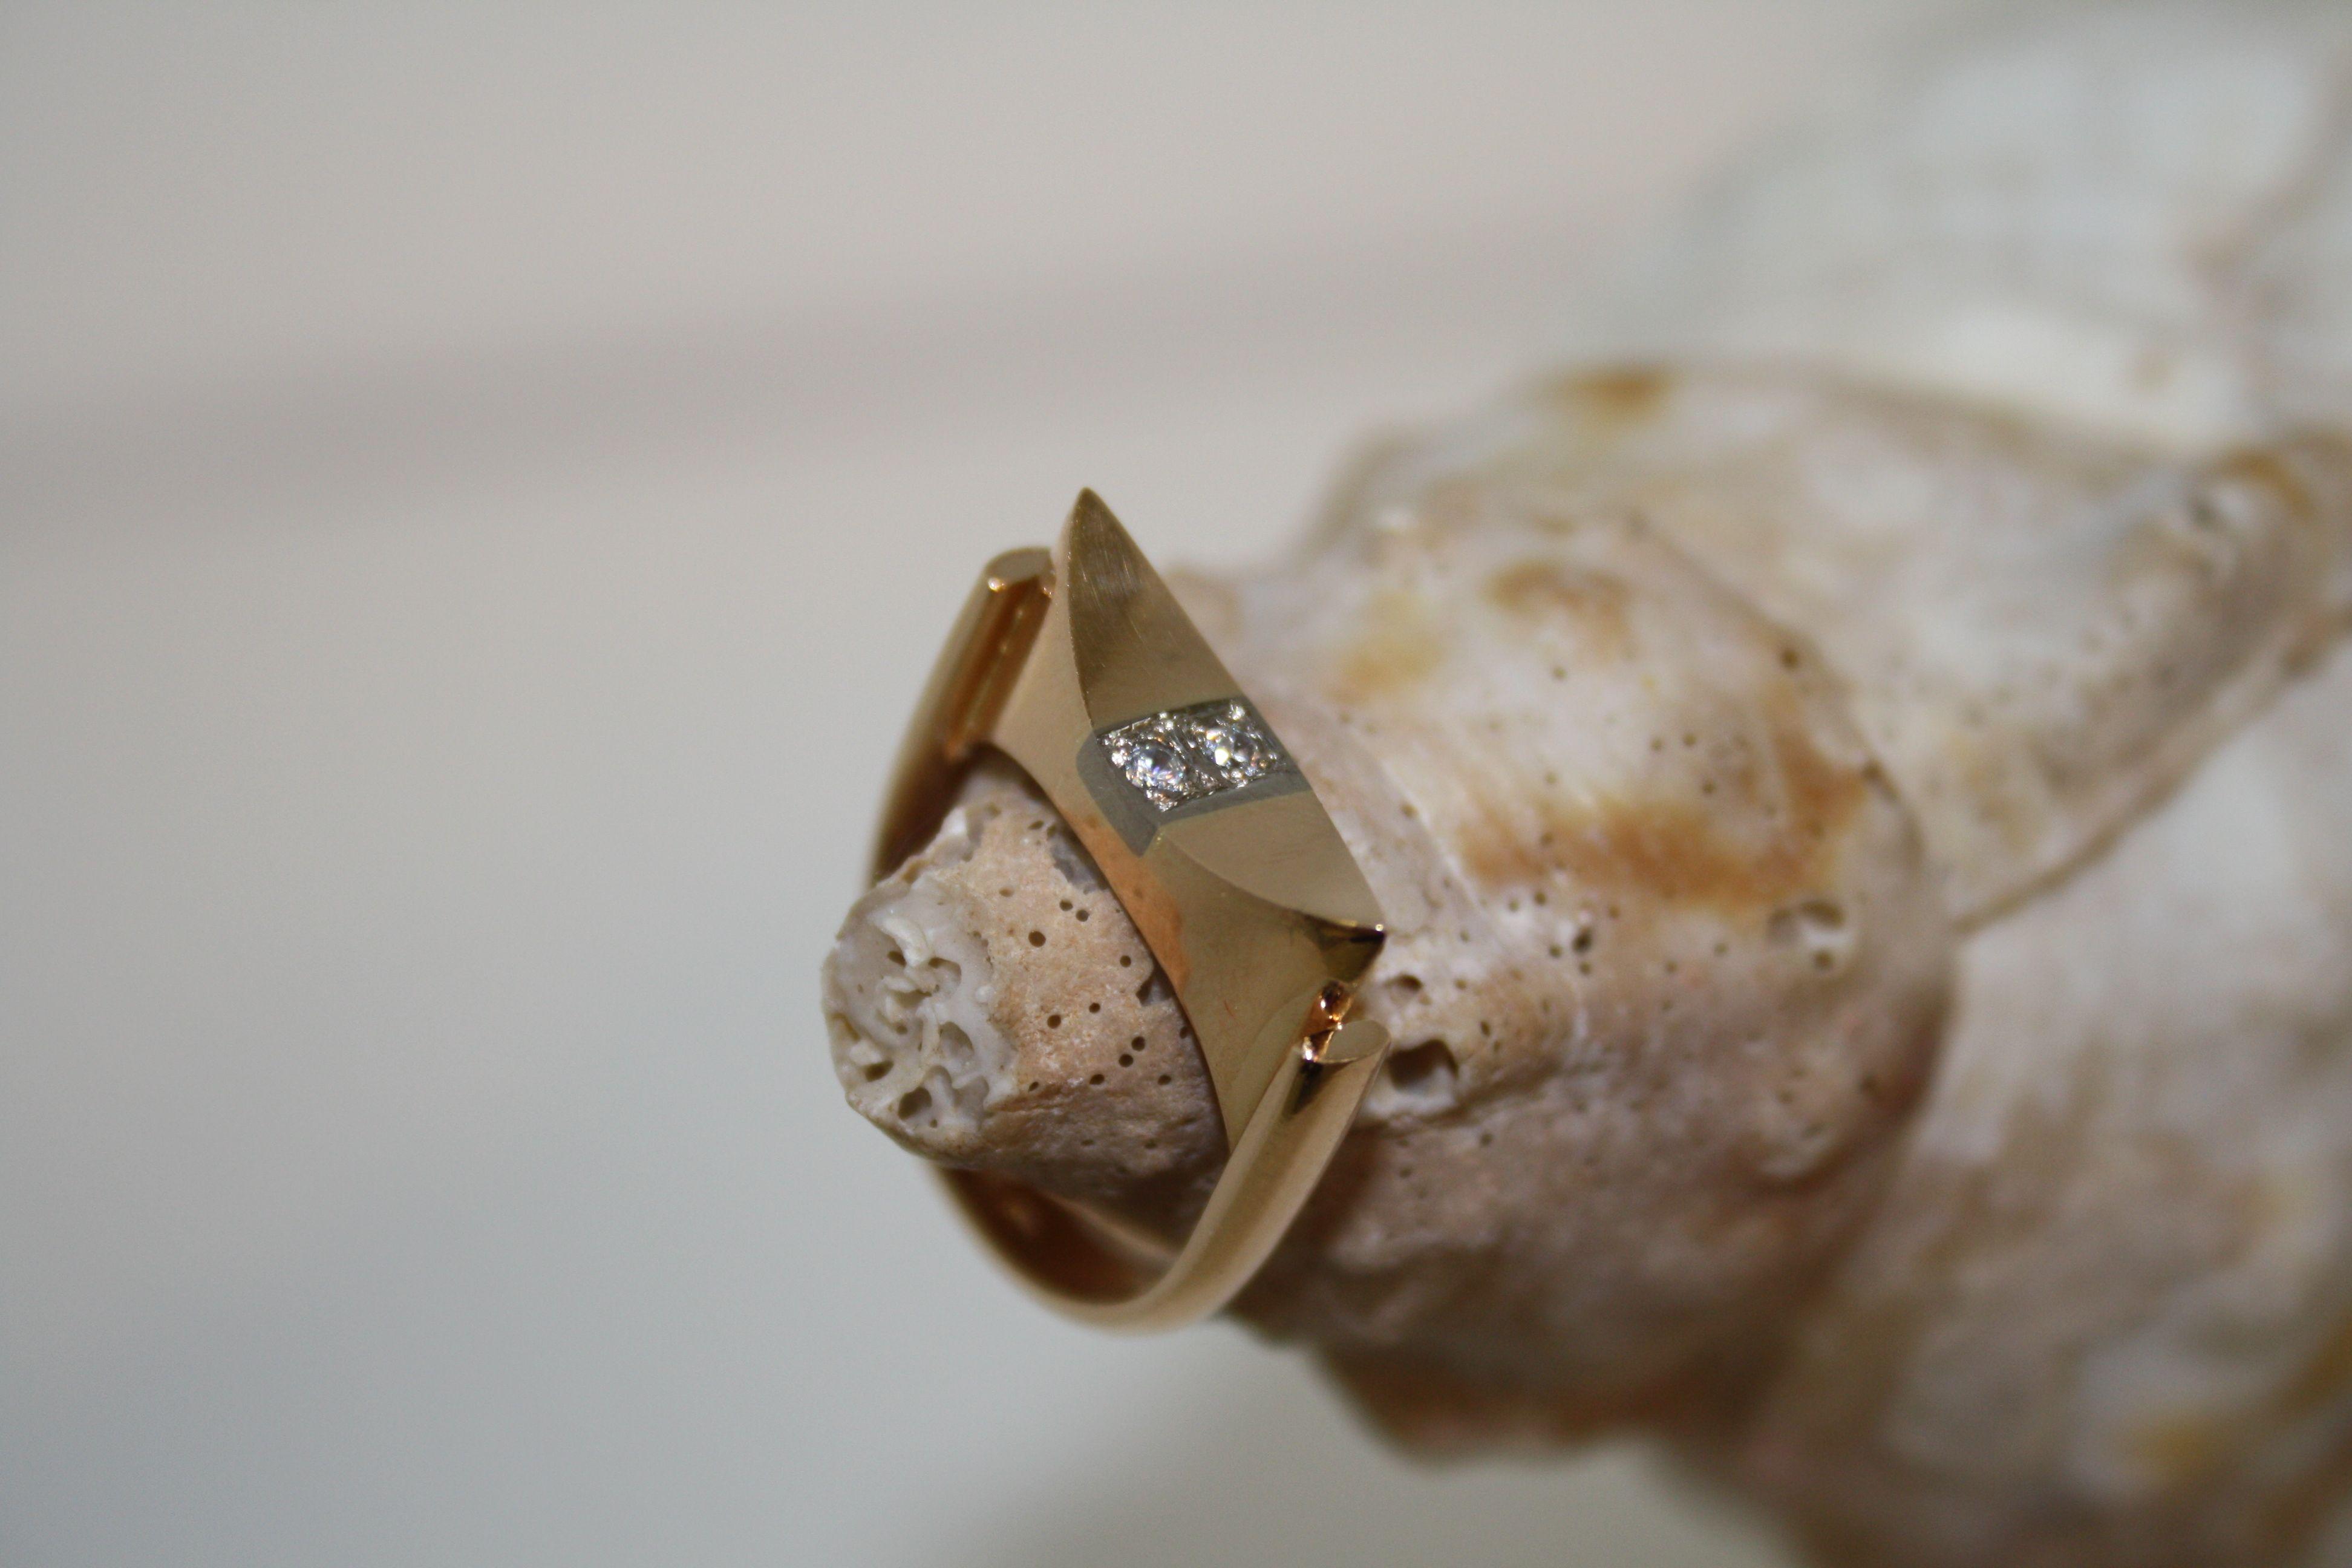 Kultasormus. Päättötyö kultasepän ammattitutkinnossa http://www.ateljeeargento.fi/index.php/galleria